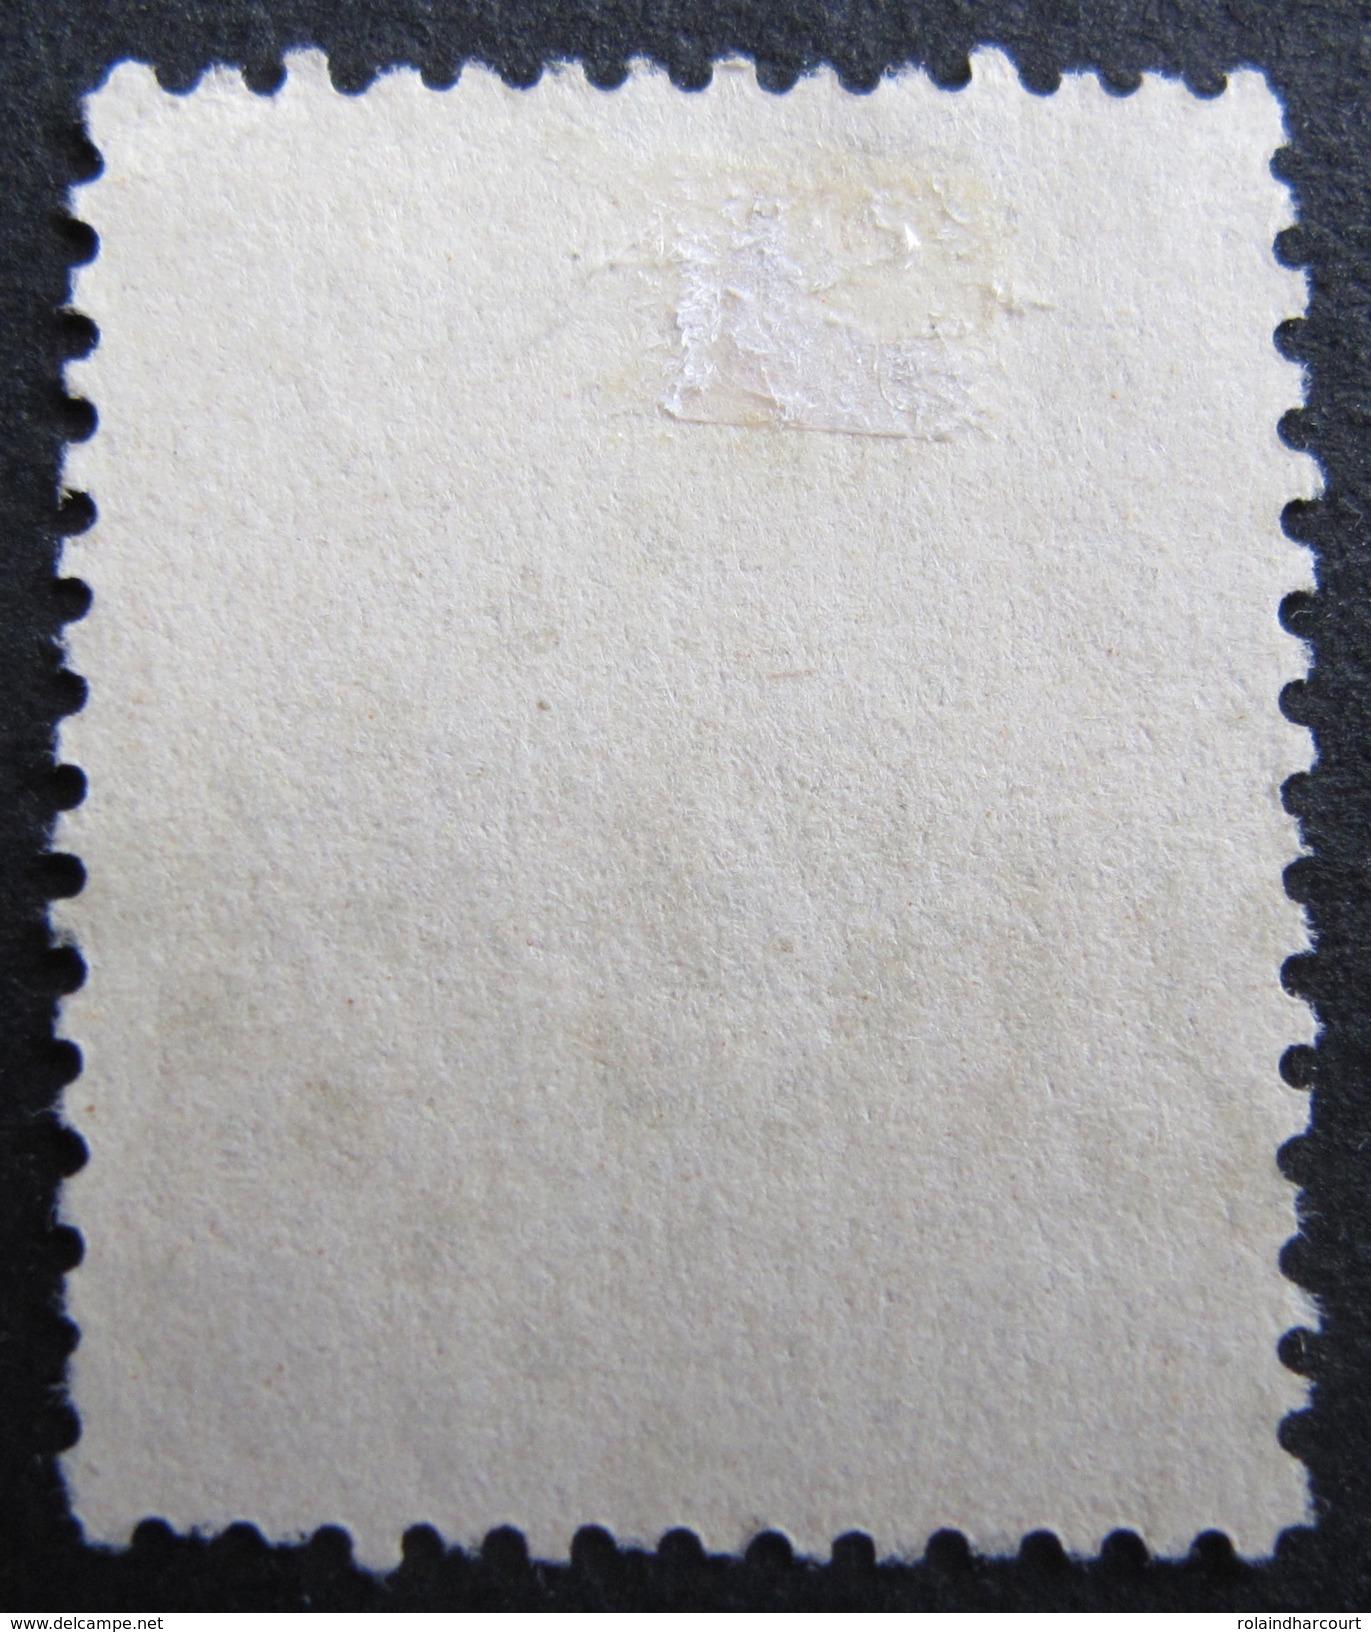 LOT R1631/1844 - CERES Du SIEGE De PARIS N°38 - GC 262 AVIZE (Marne) INDICE 4 - 1870 Siège De Paris